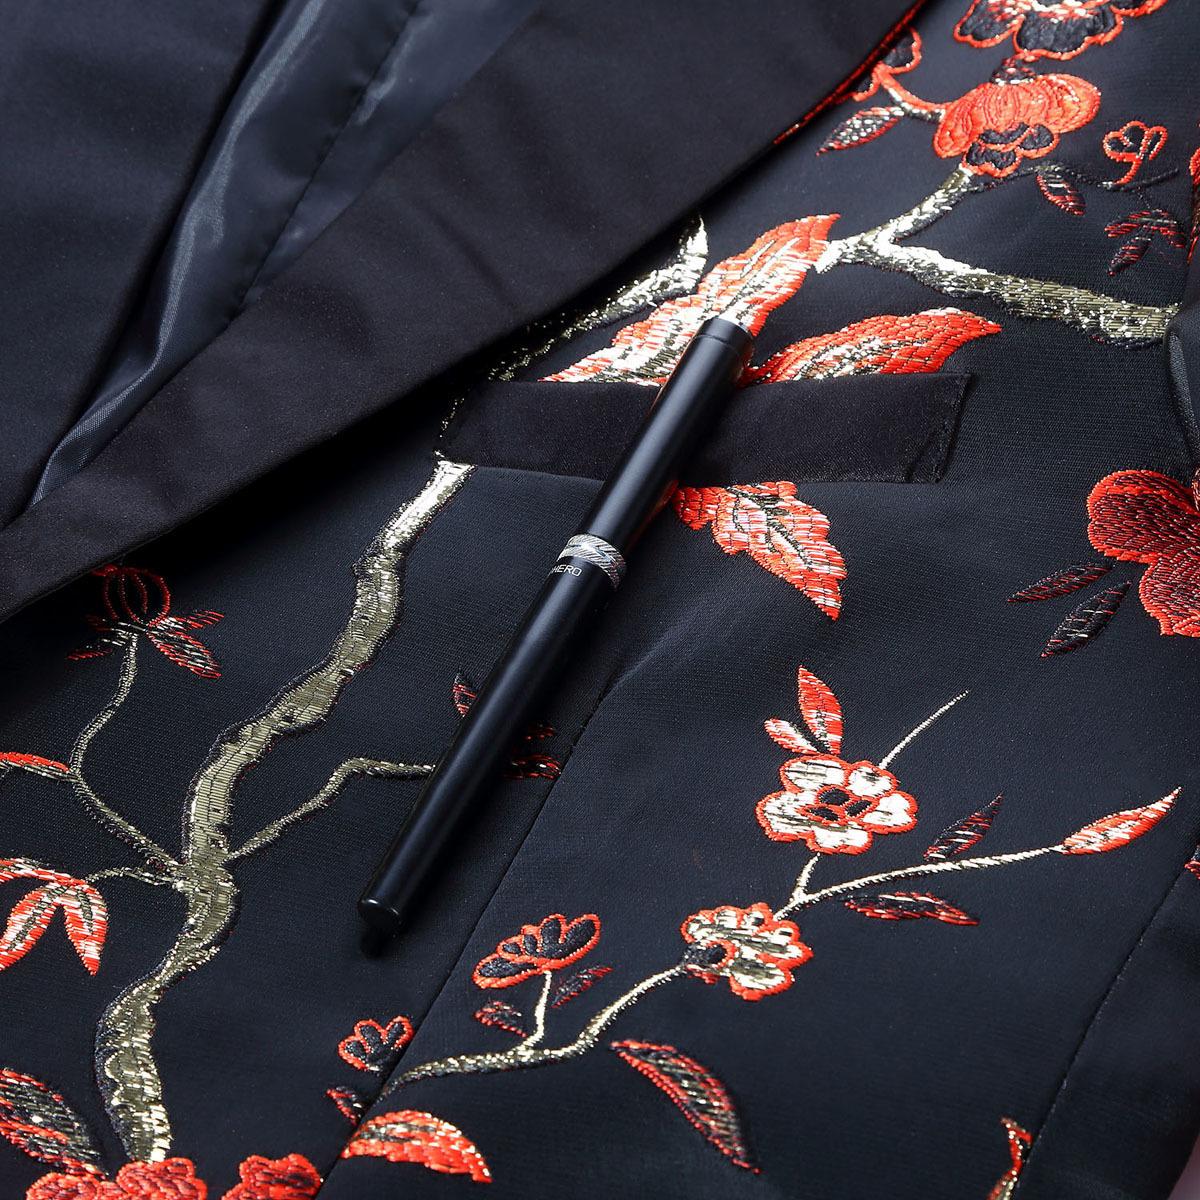 Pyjtrl New Red Gold Blue Green Brocade Ricamo Floral Birds Pattern Slim Fit Blazer Disegni Uomo Suit Jacket Stage Singer Wear J190422